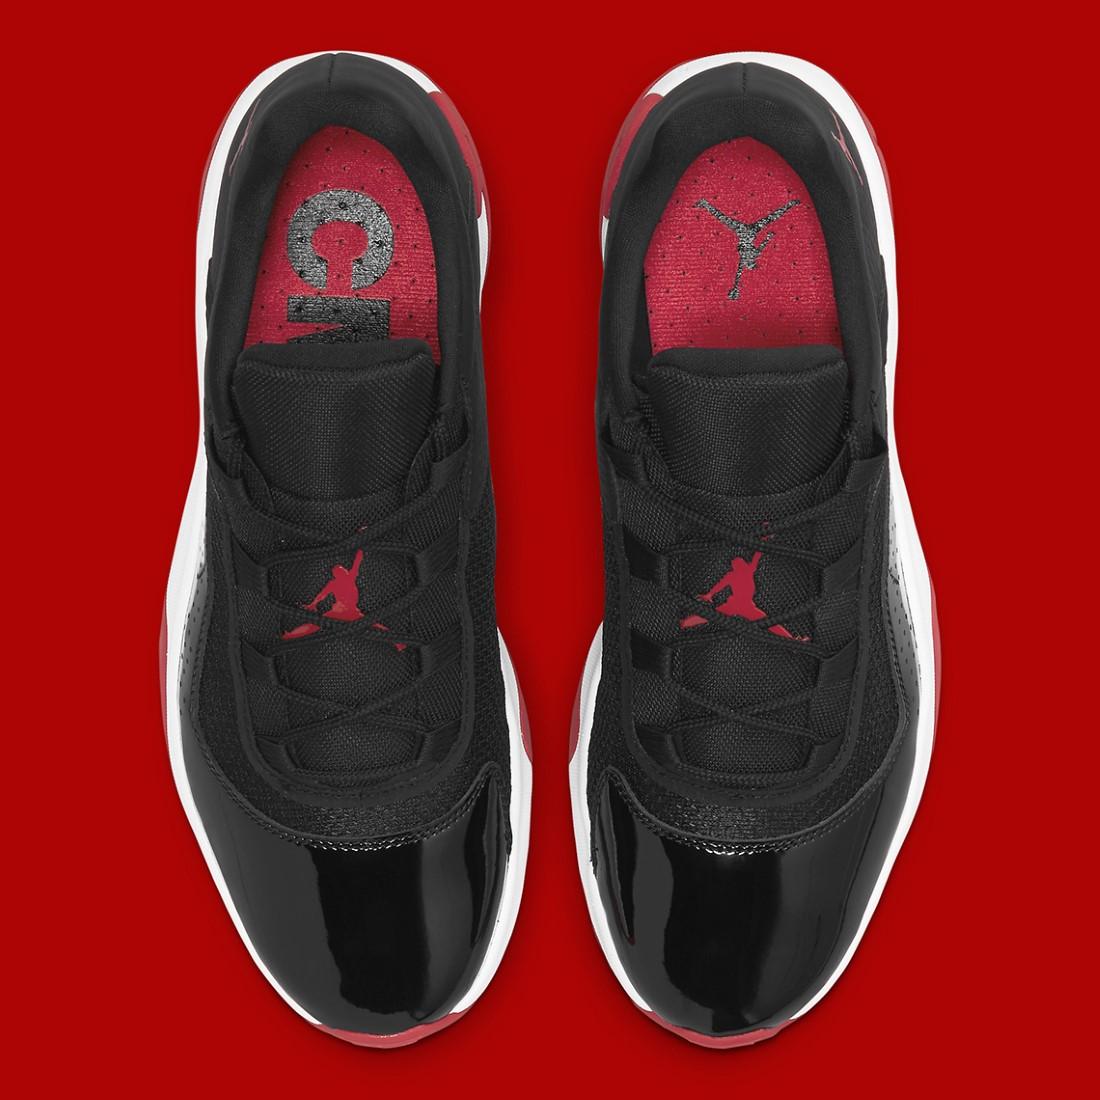 Air Jordan 11 CMFT Bred